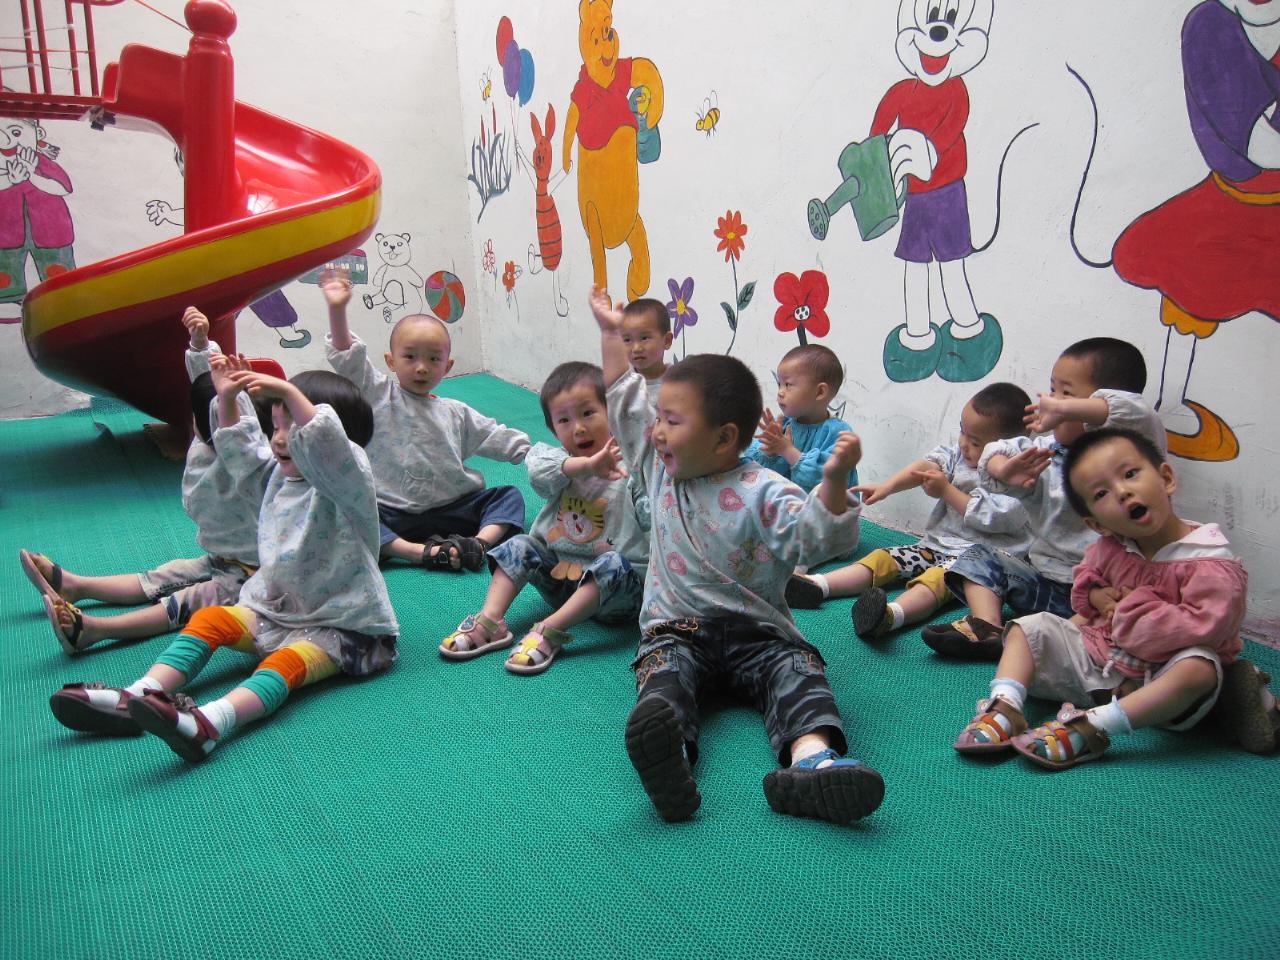 幼儿园手工制作安全制作